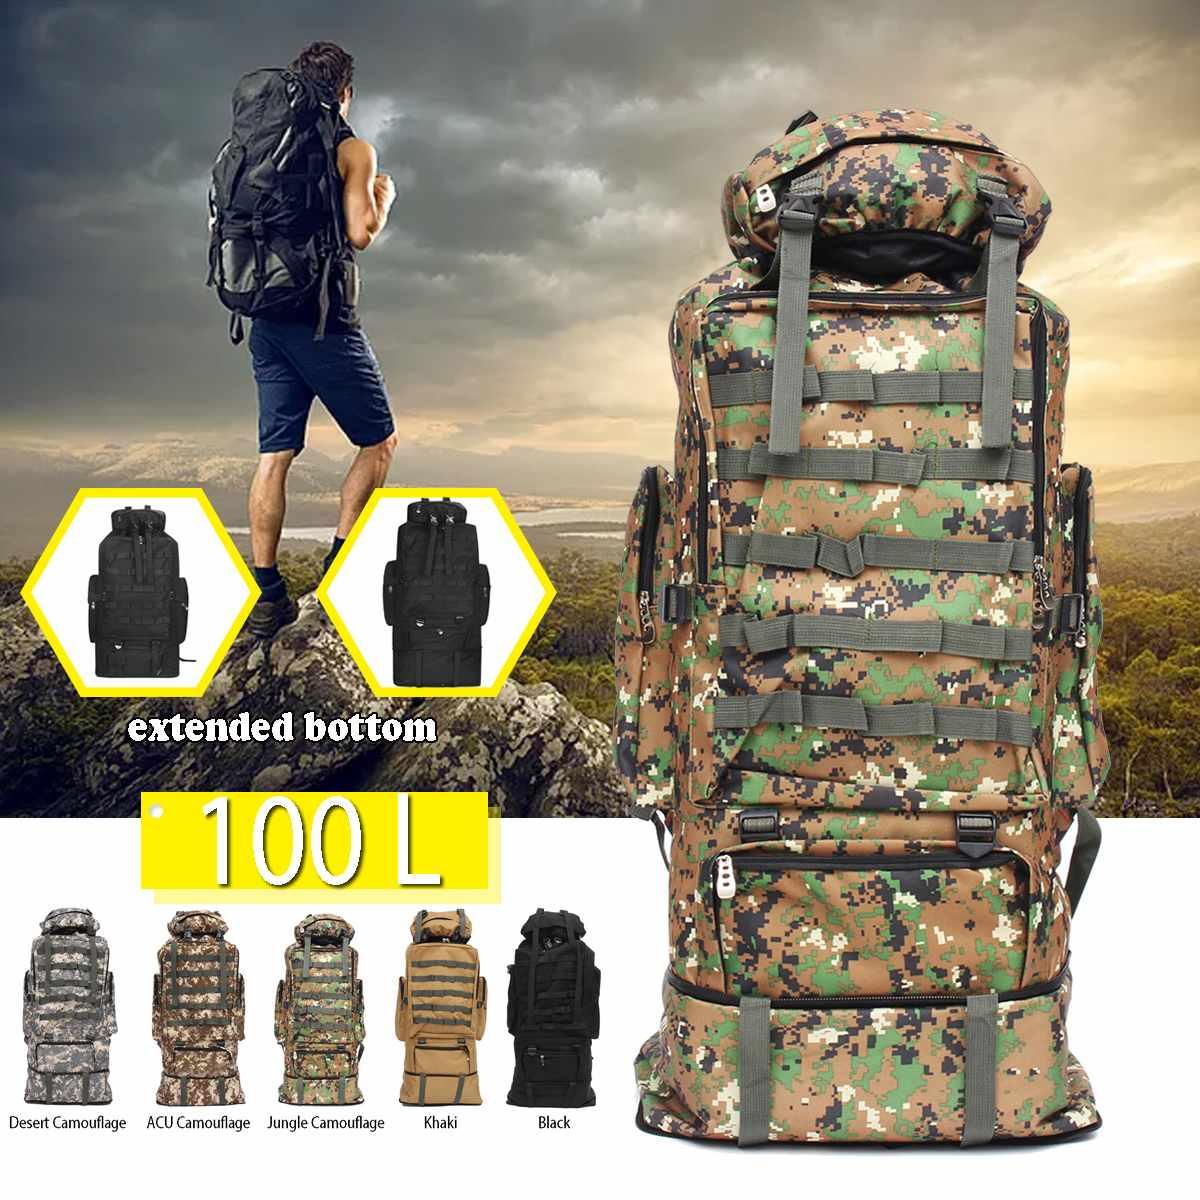 100L grande capacité en plein air sac à dos travail voyage camouflage bagages sac à dos hommes et femmes tente camping sac escalade randonnée sacs